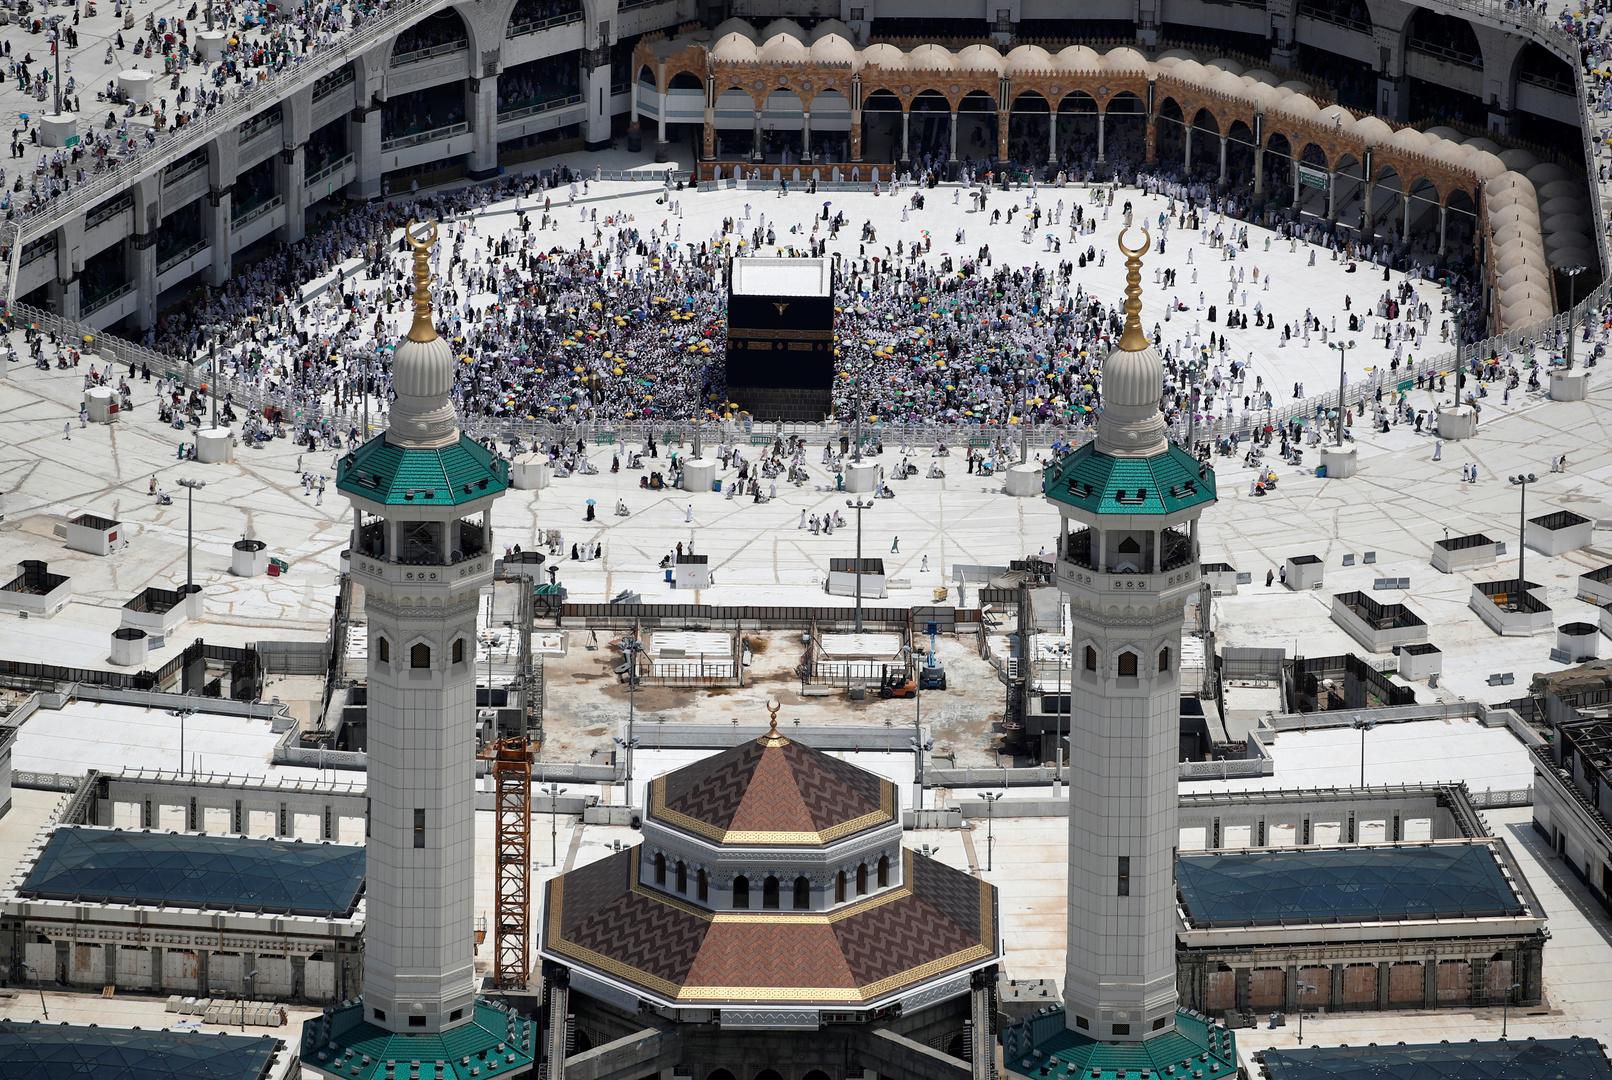 السعودية.. وزارة الحج والعمرة تسمح لفئة عمرية جديدة بأداء العمرة وبشرط